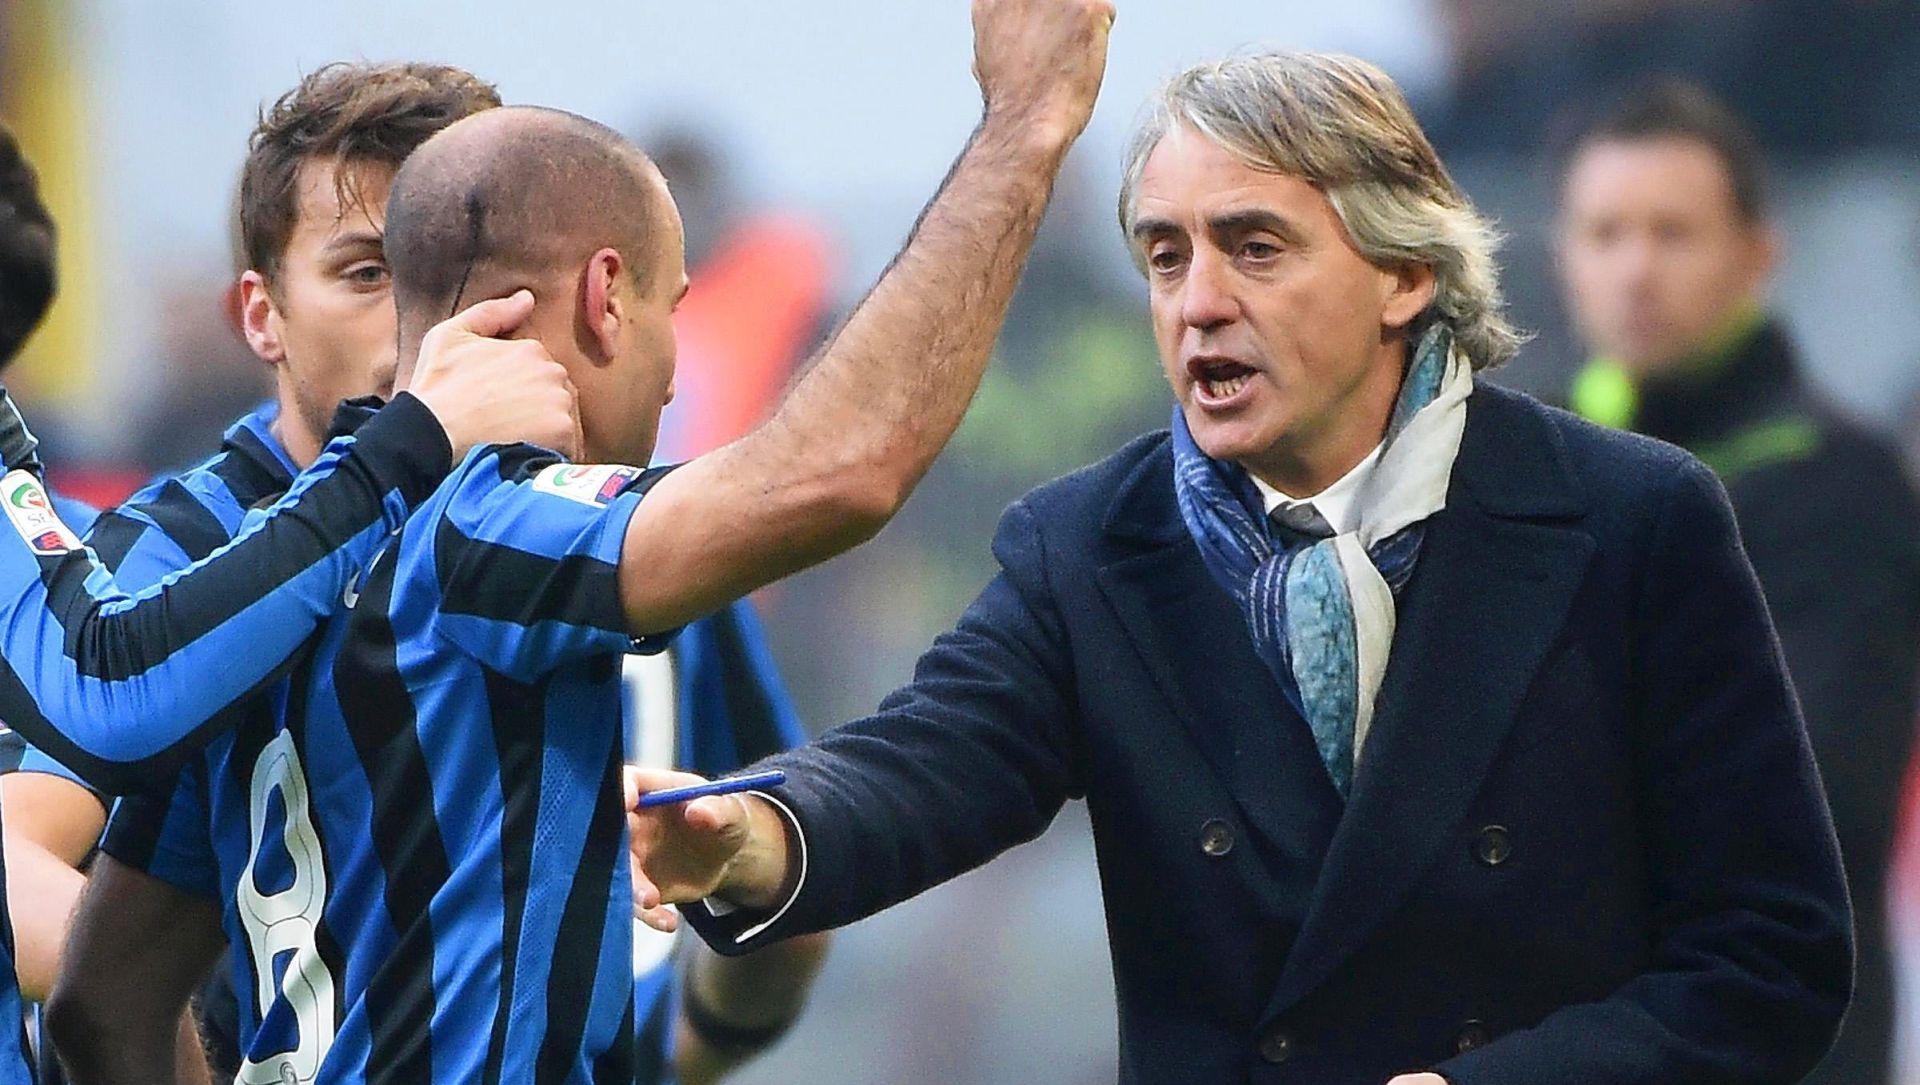 PERIŠIĆ I BROZOVIĆ BEZ TRENERA: Inter i Roberto Mancini se službeno razišli